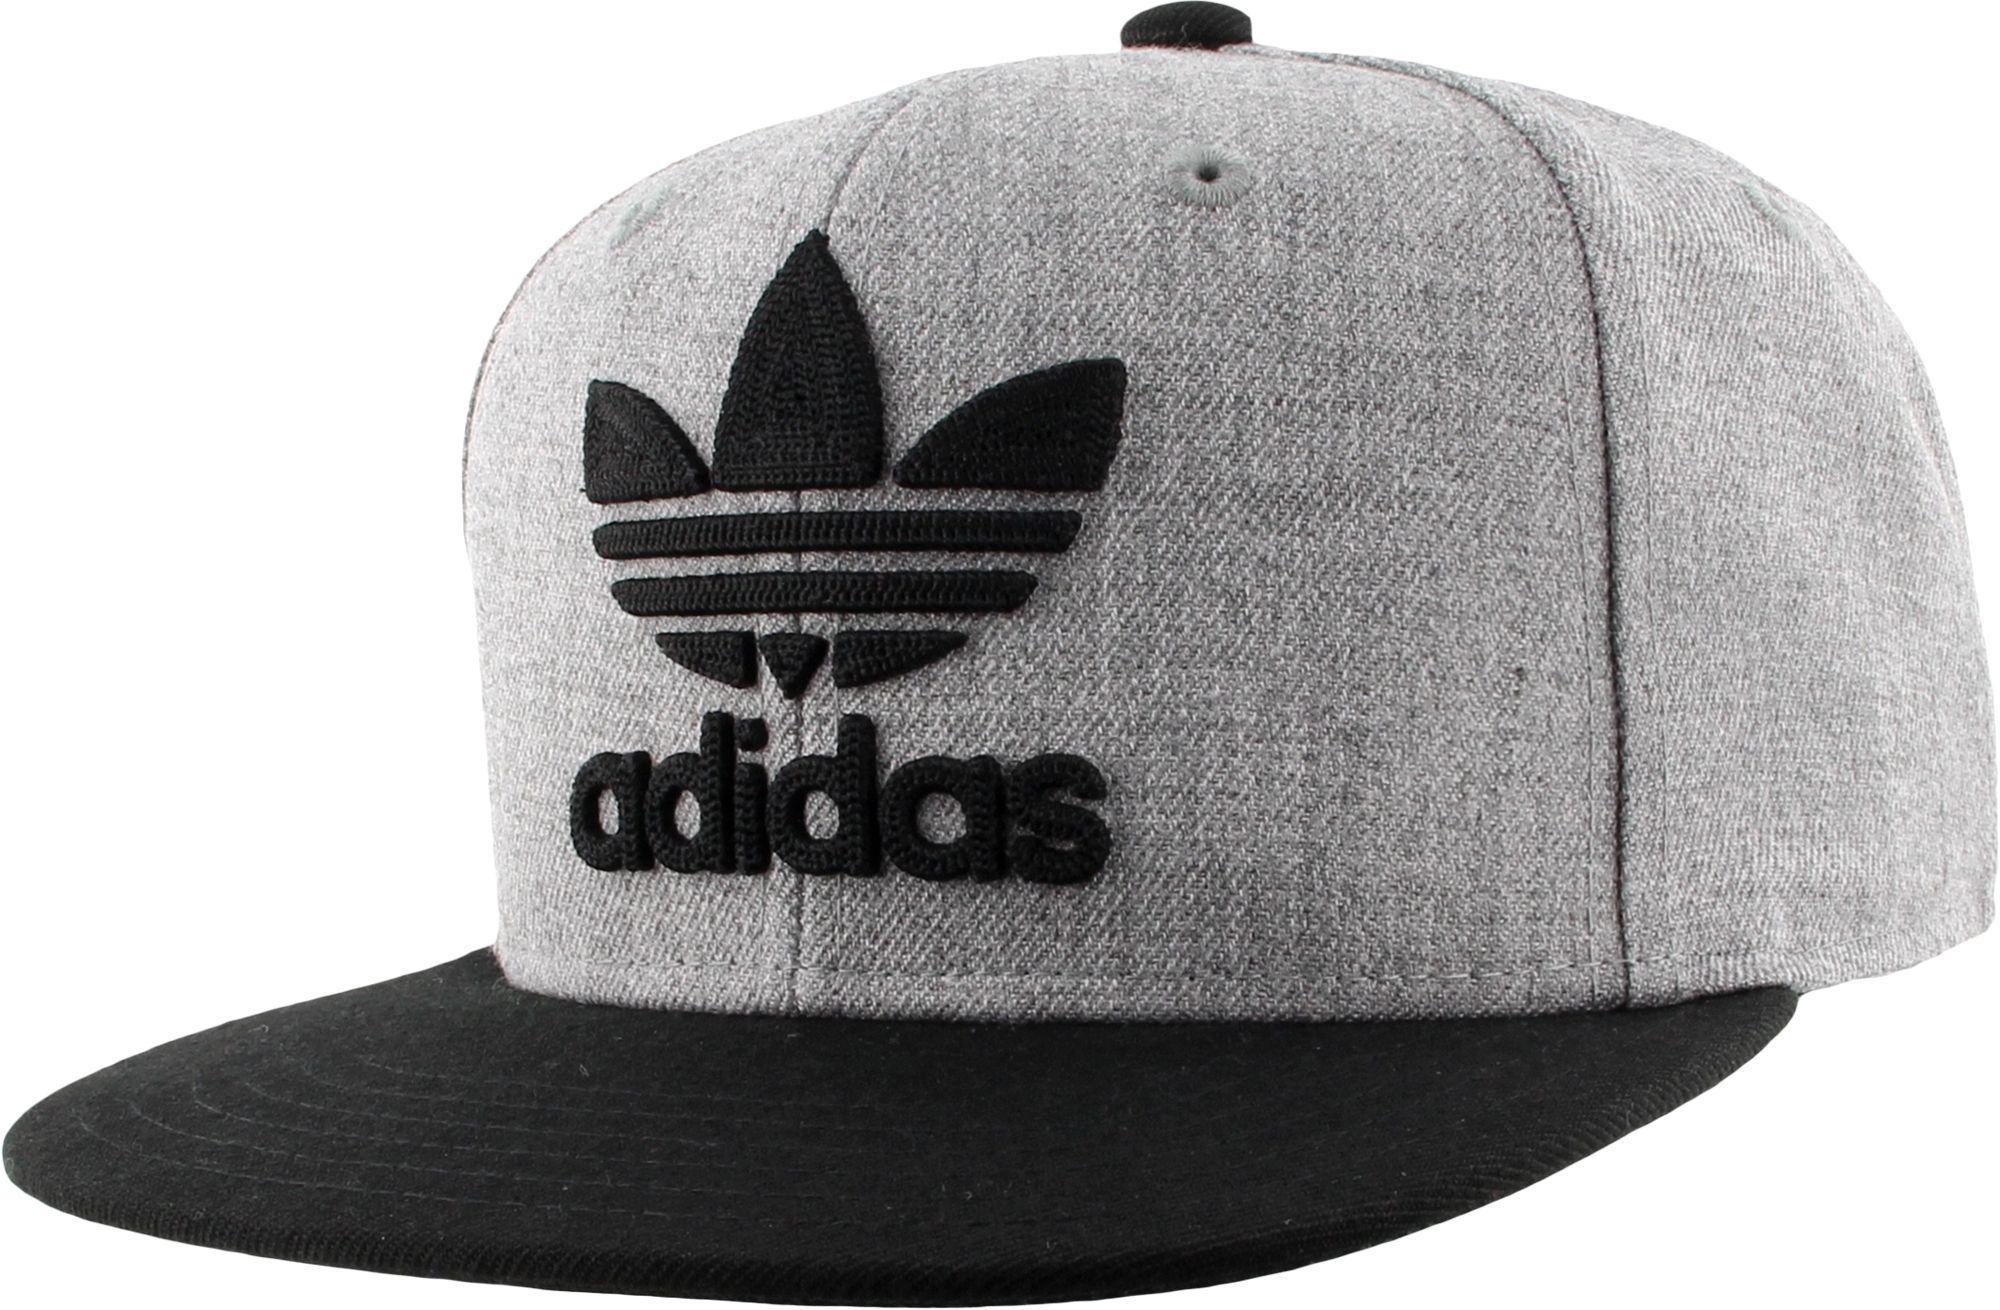 3e1c9e370fff43 ... purchase adidas. mens gray originals trefoil chain snapback hat 469c3  83813